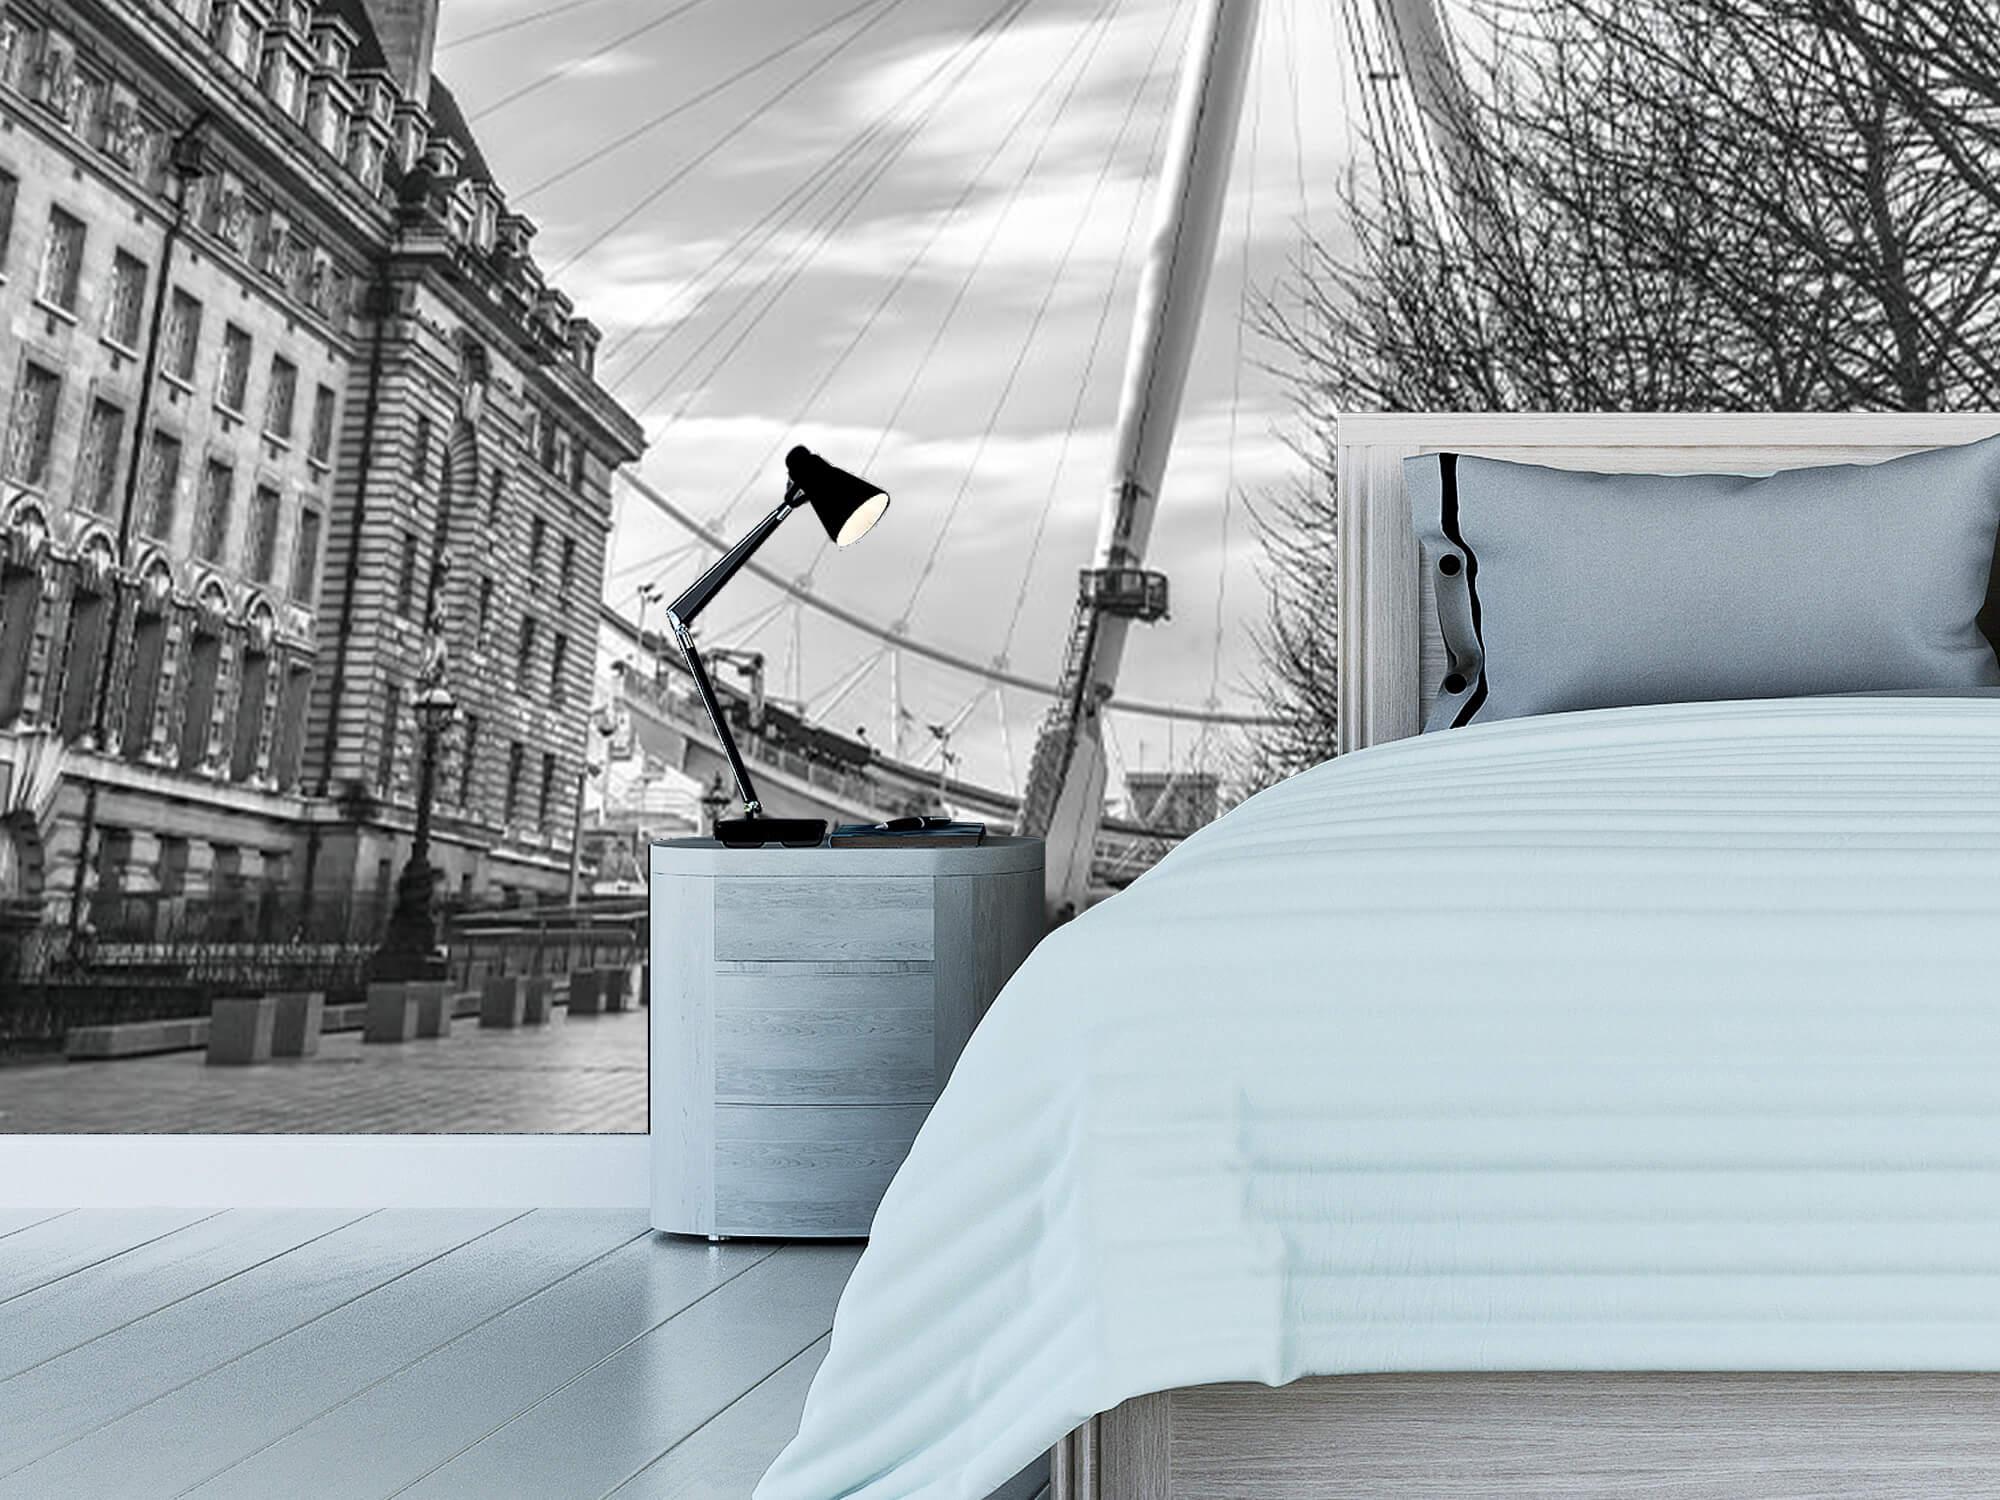 Ferris wheel in London 12